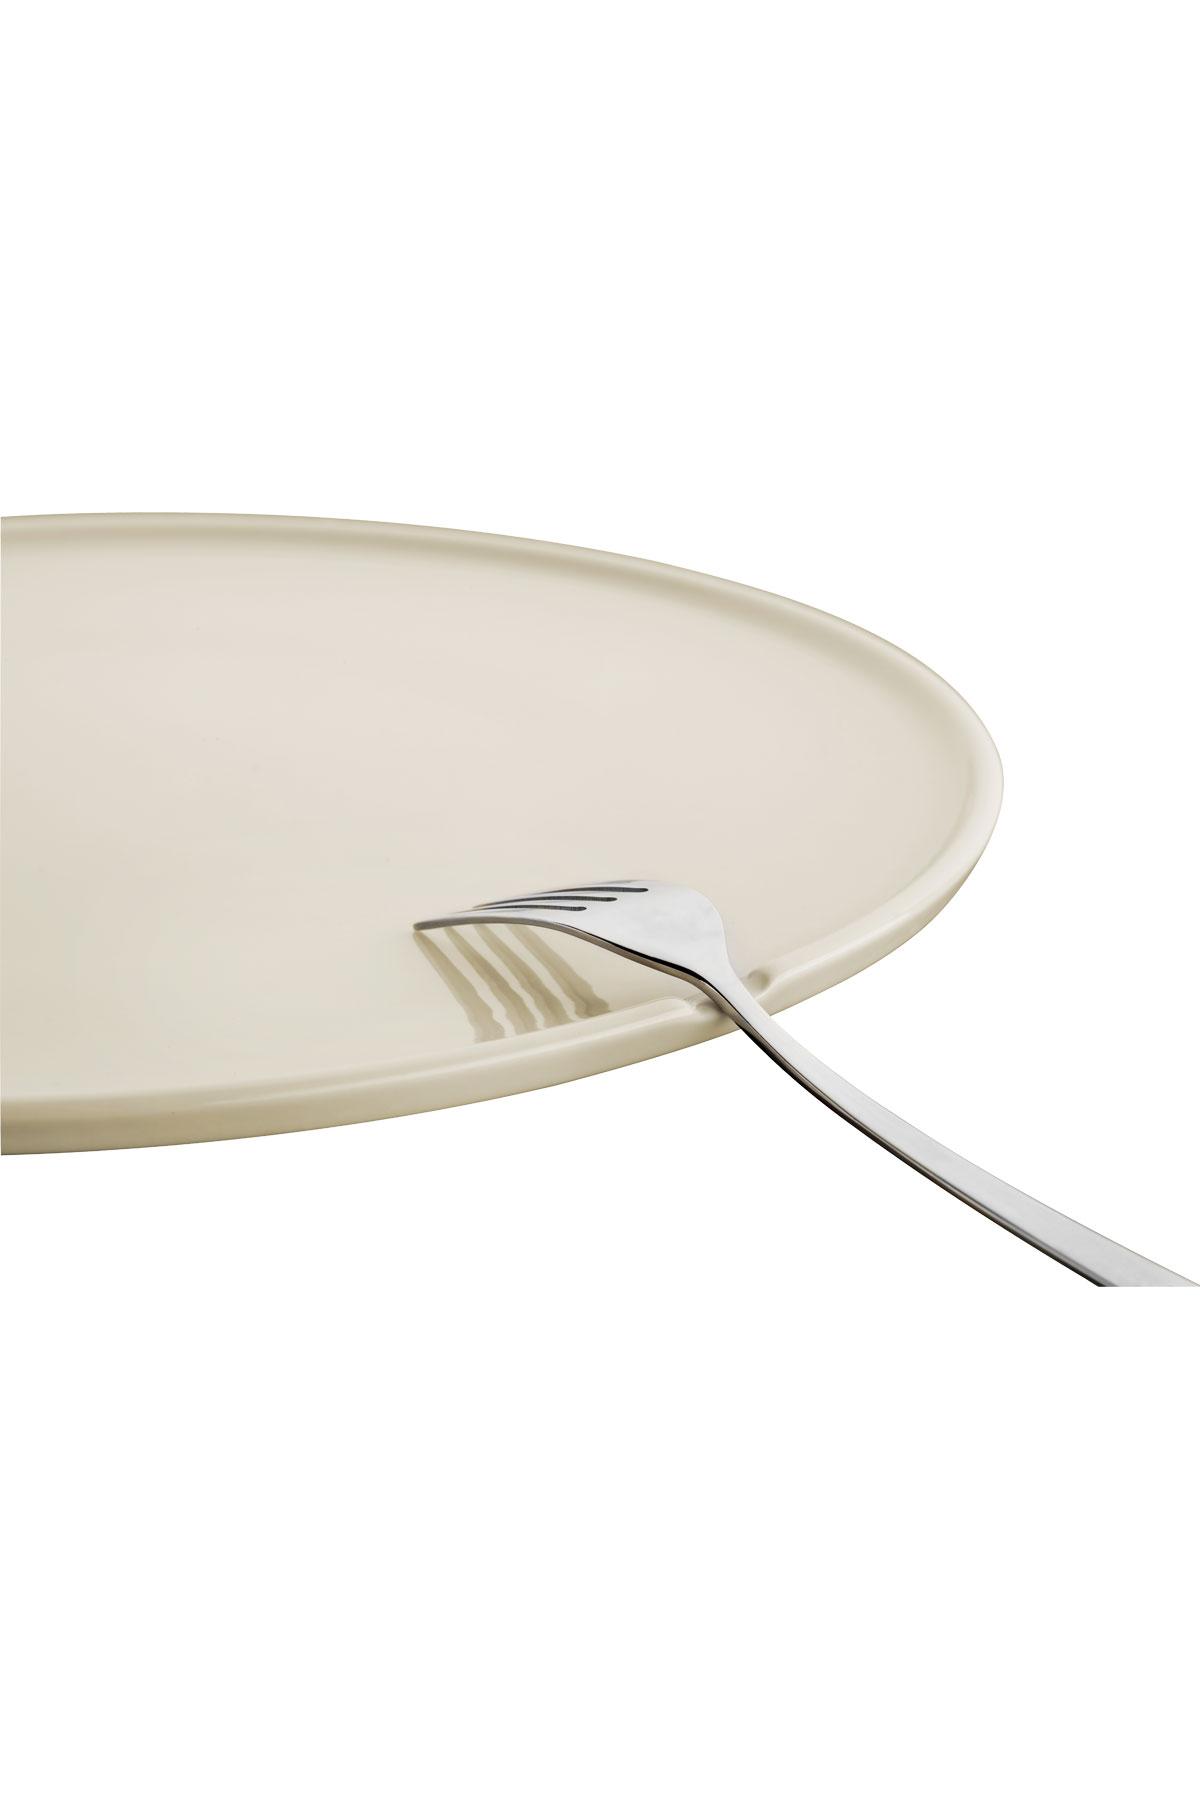 Kütahya Porselen Chef Taste Of 22 cm Kayık Tabak Krem